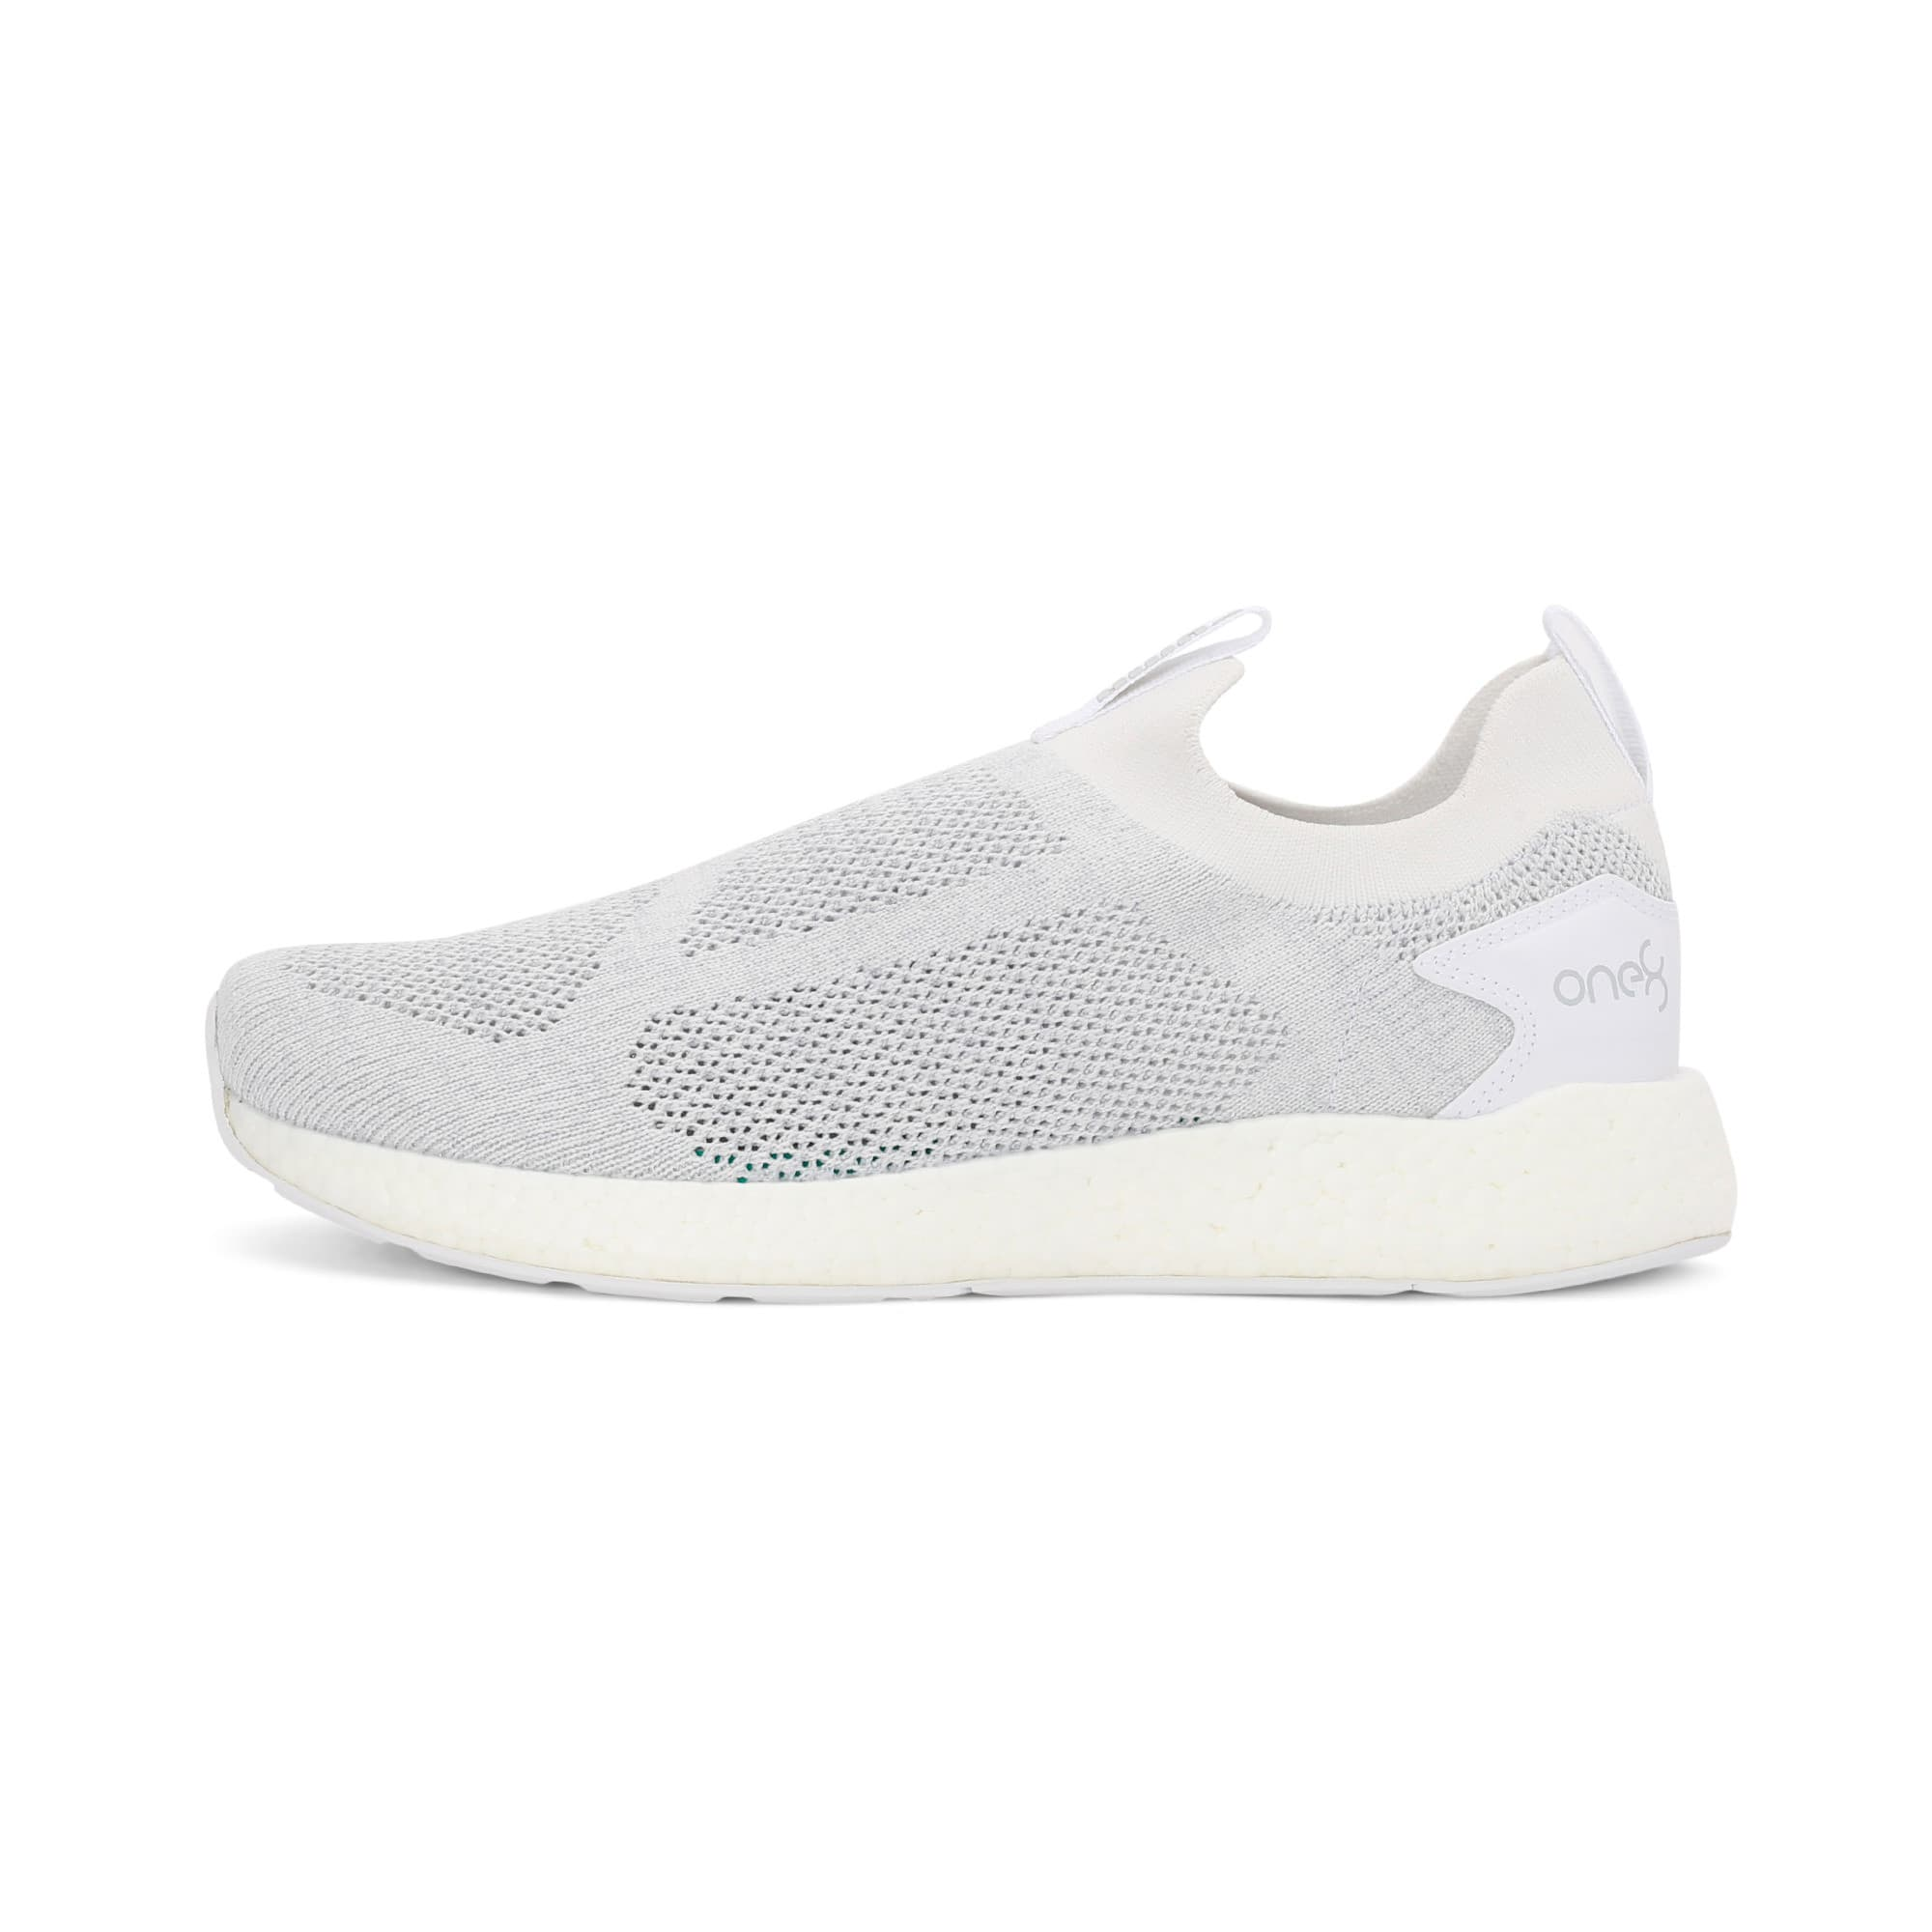 Thumbnail 1 of NRGY Neko Slip-On one8 Unisex Running Shoes, Puma White-Glacier Gray, medium-IND